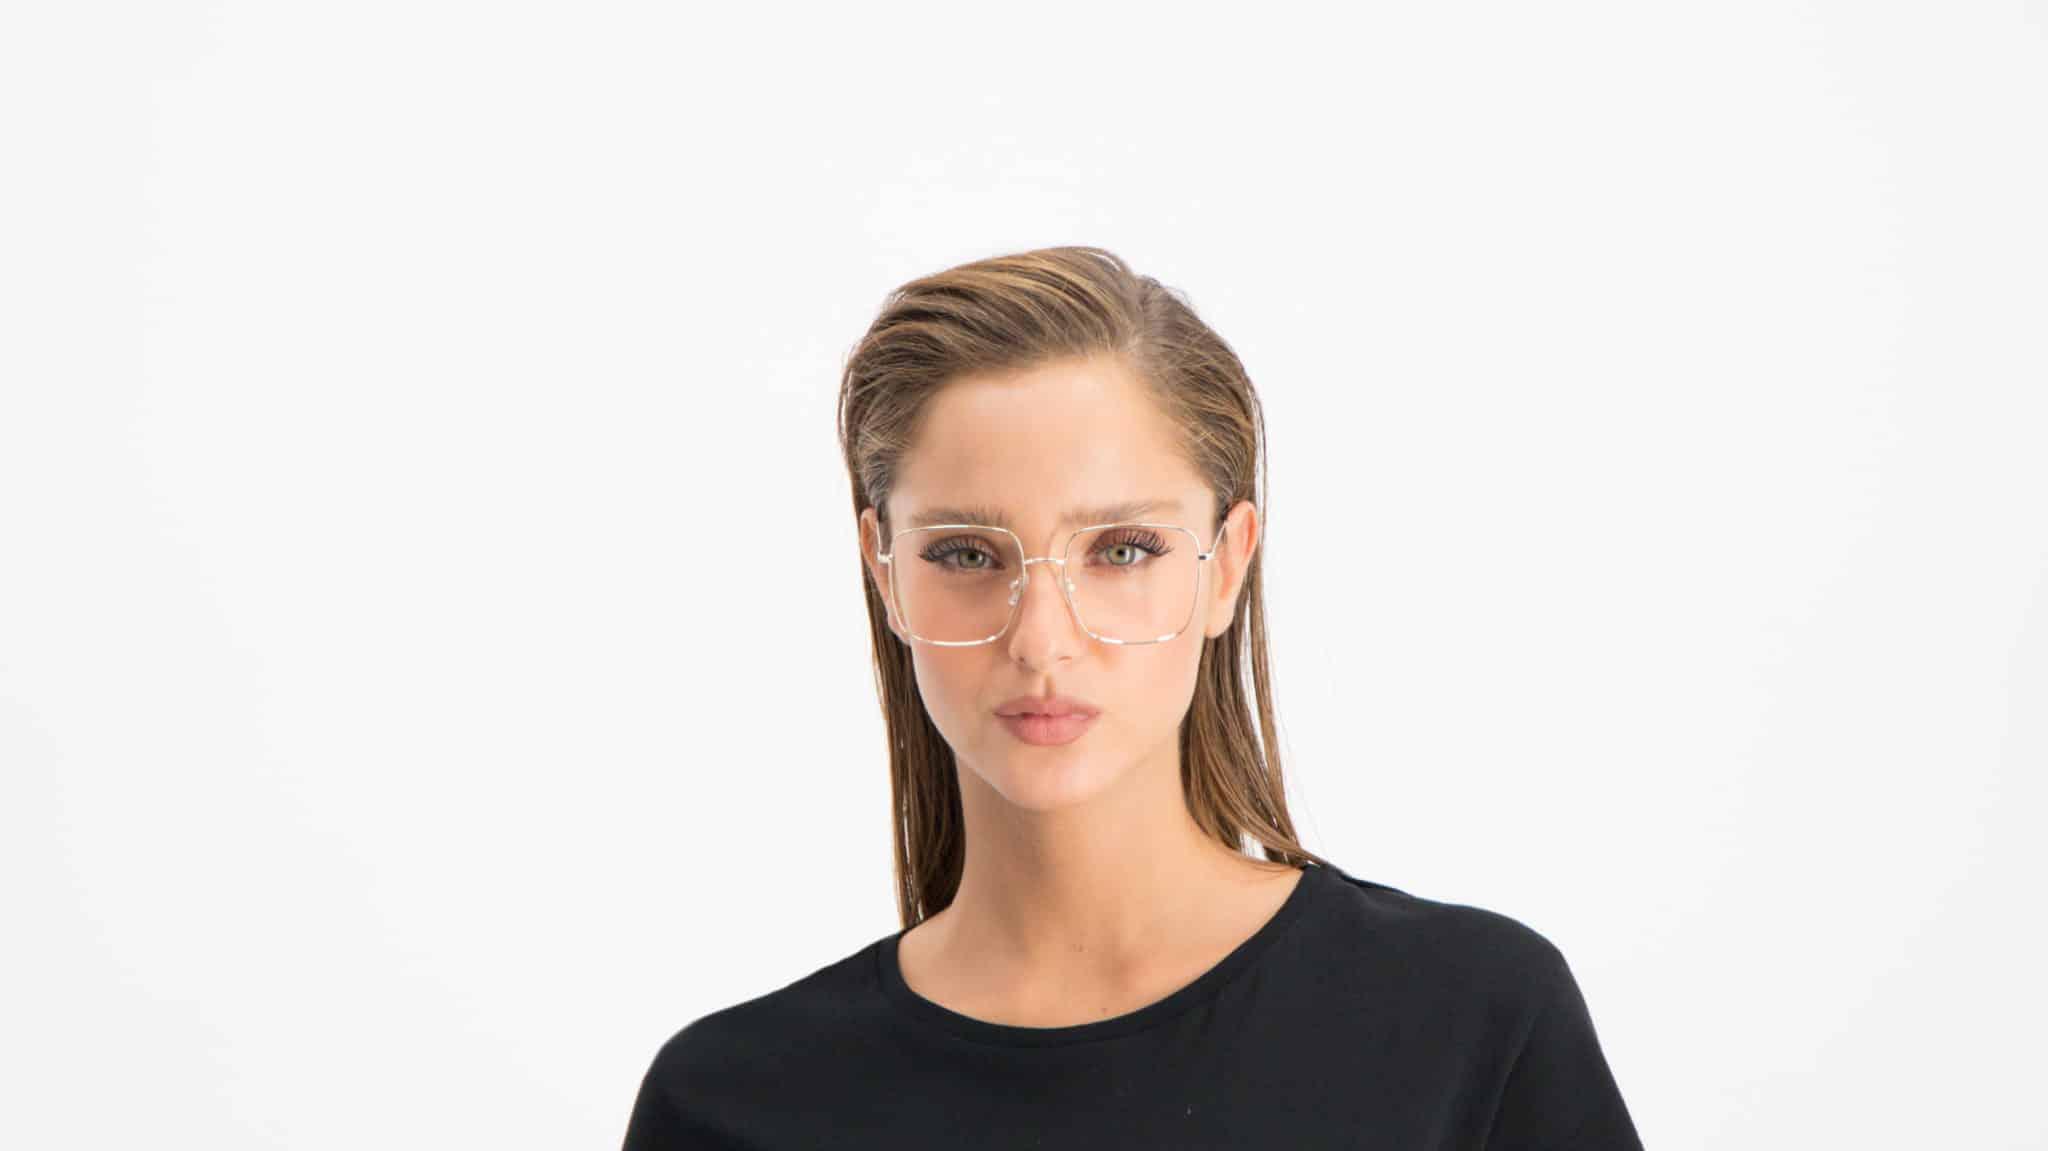 מבצע יום הבחירות באירוקה: עד 70% הנחה על משקפי שמש!